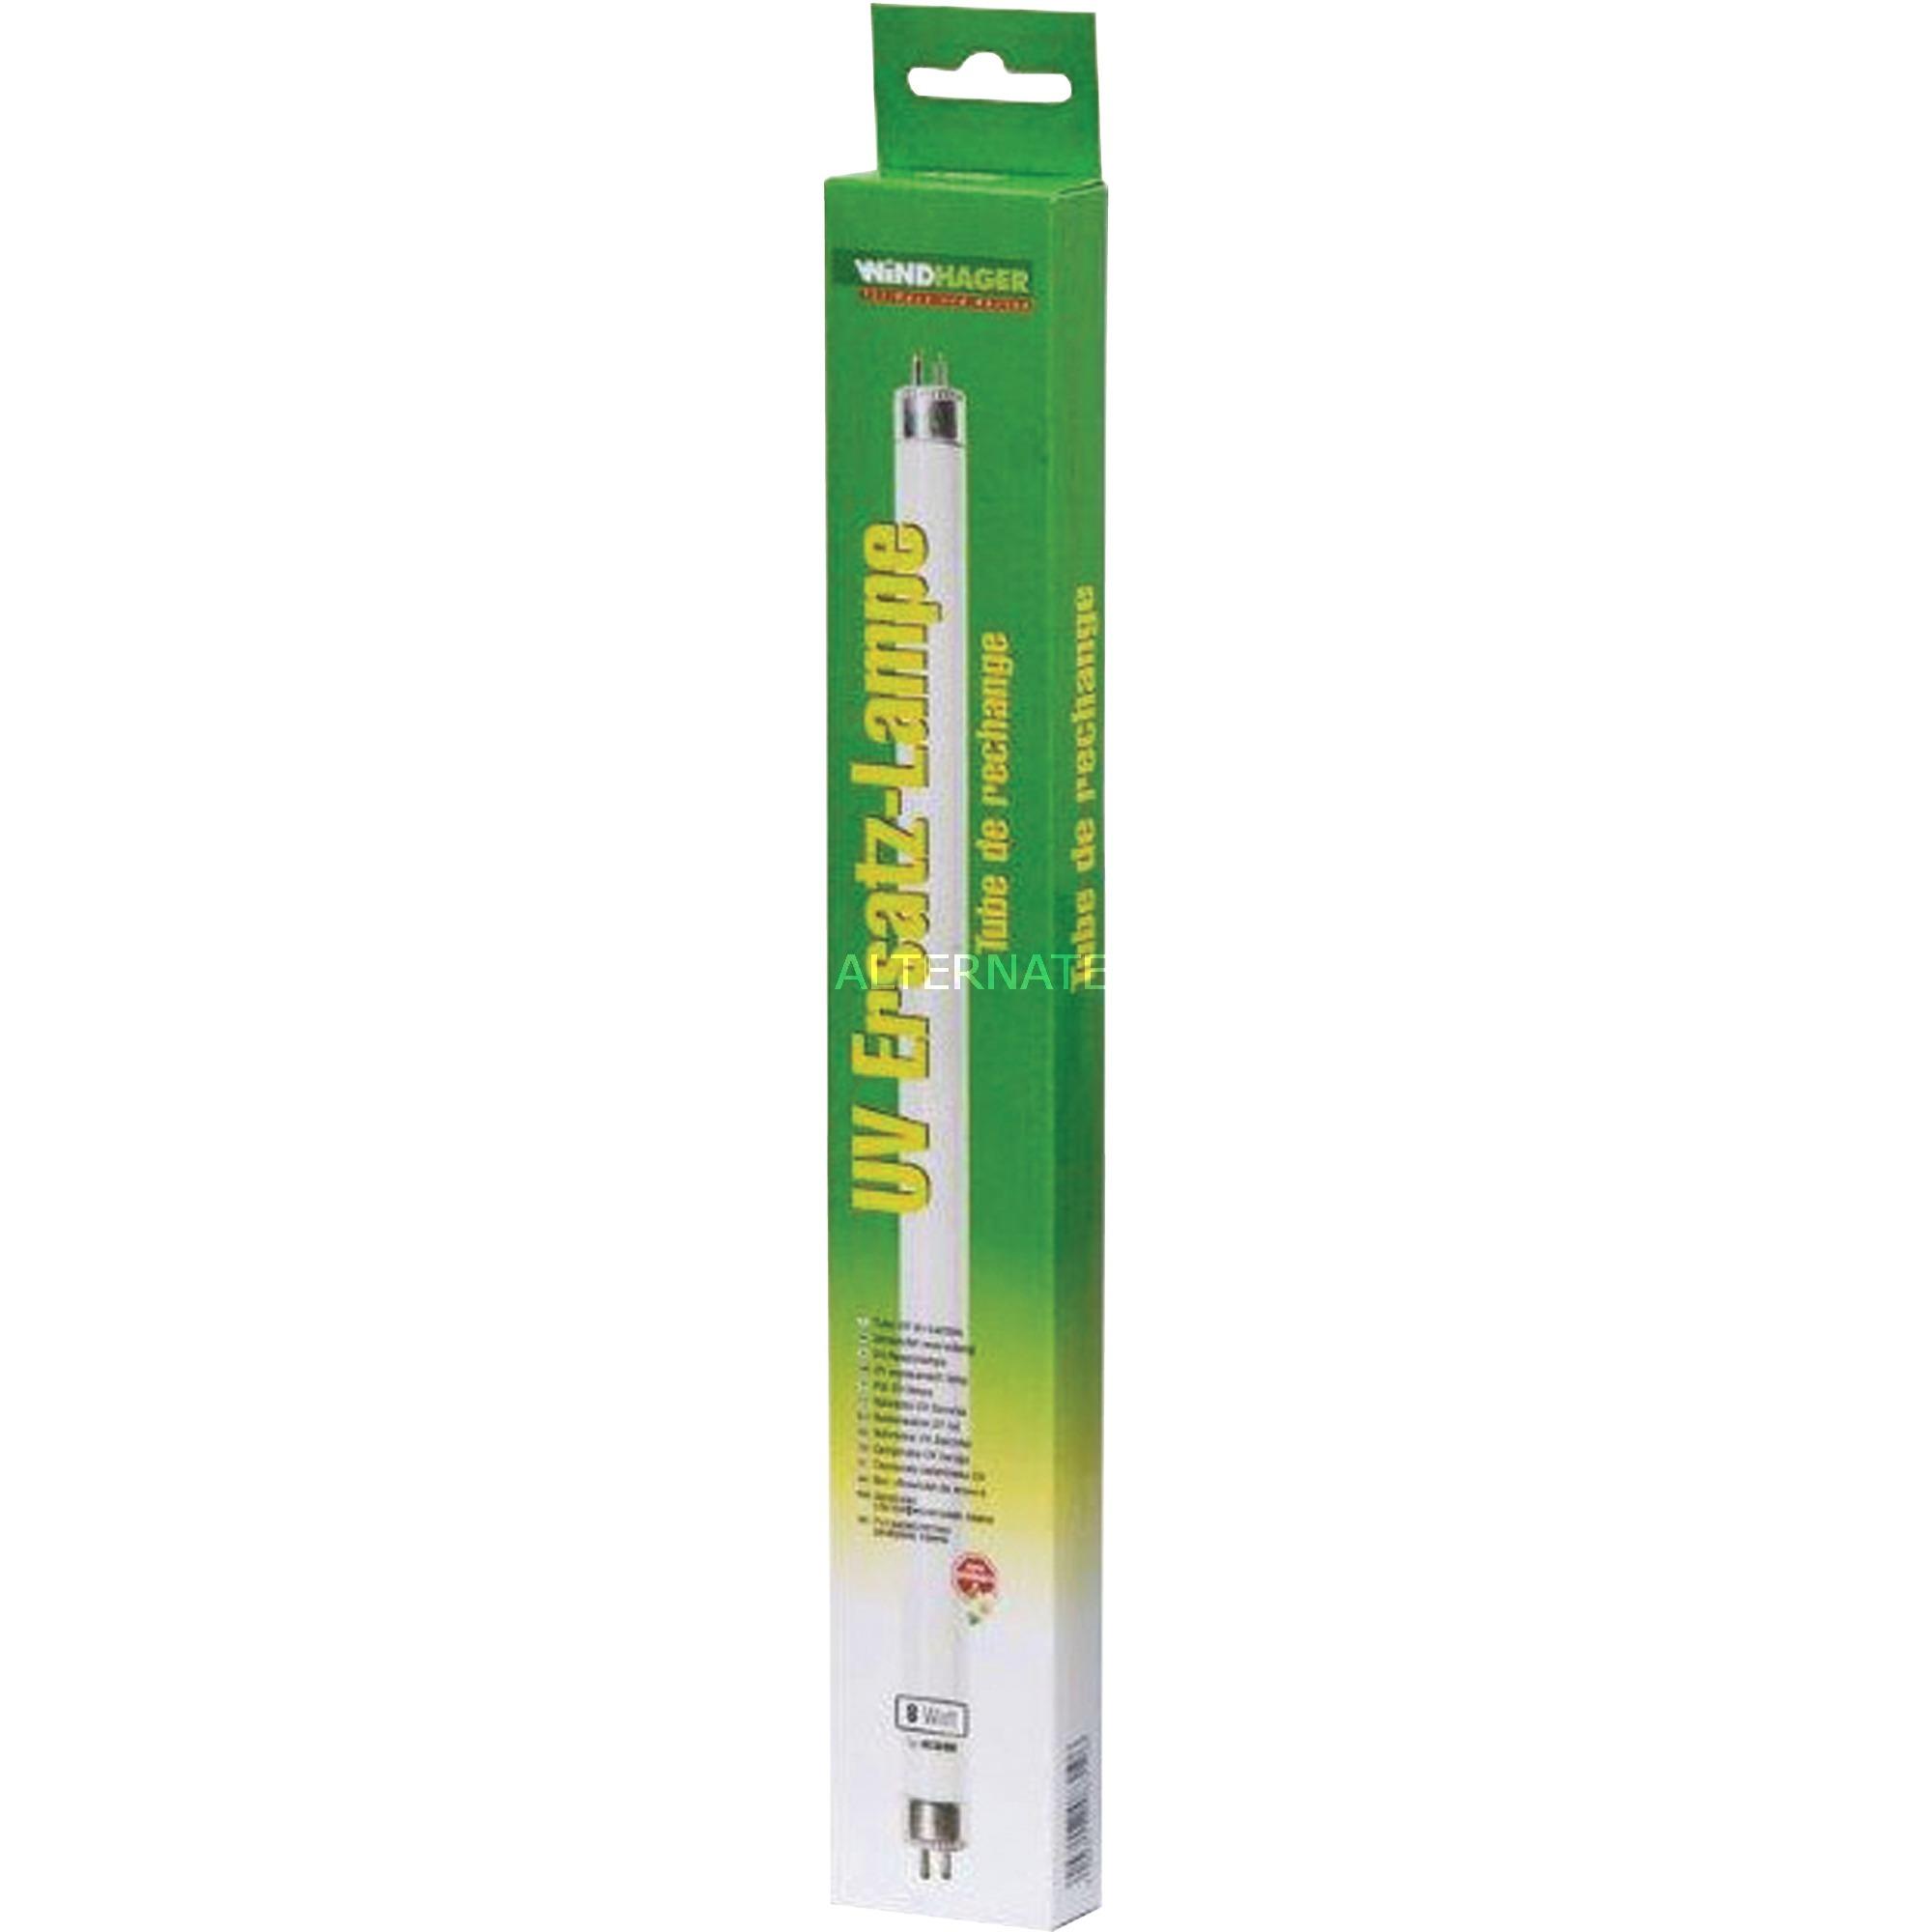 Reservelamp Voor Insectenlamp 8 W Verlichting